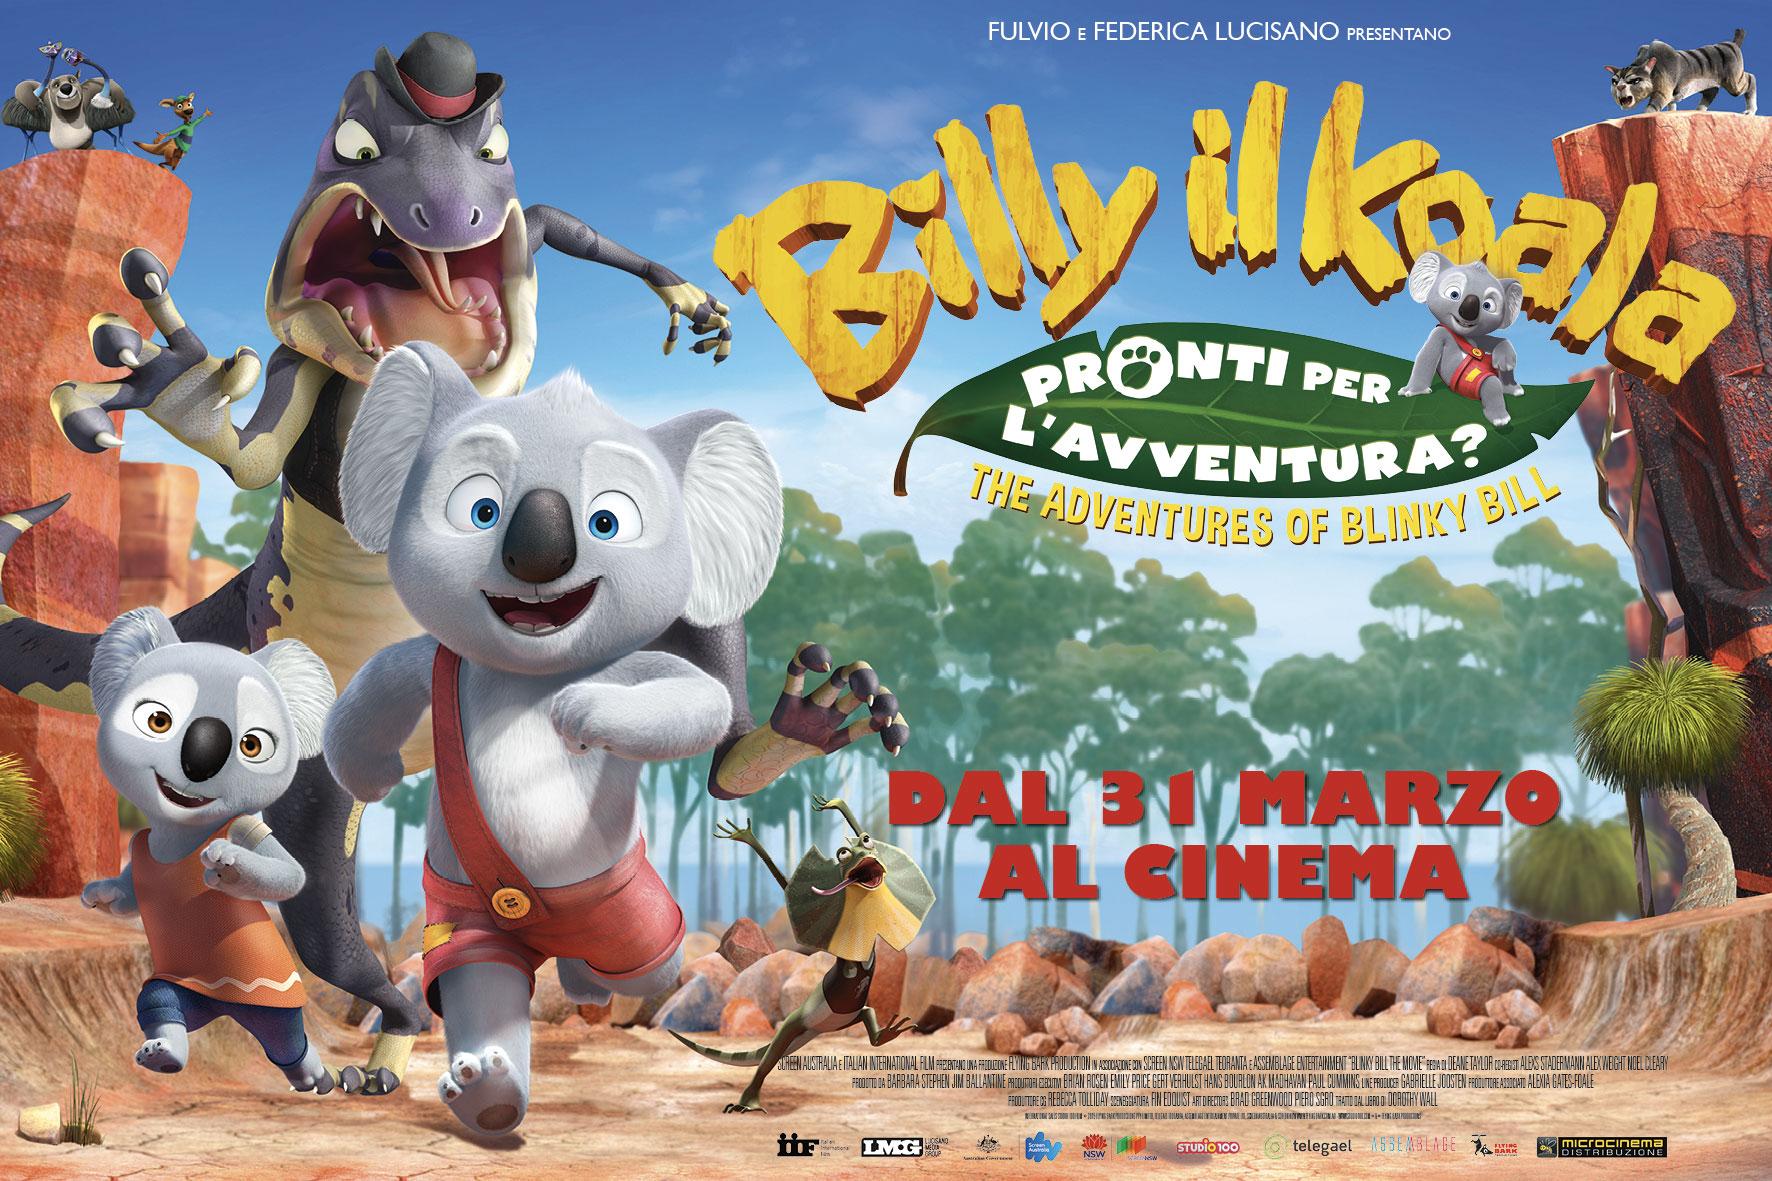 In arrivo al cinema billy il koala